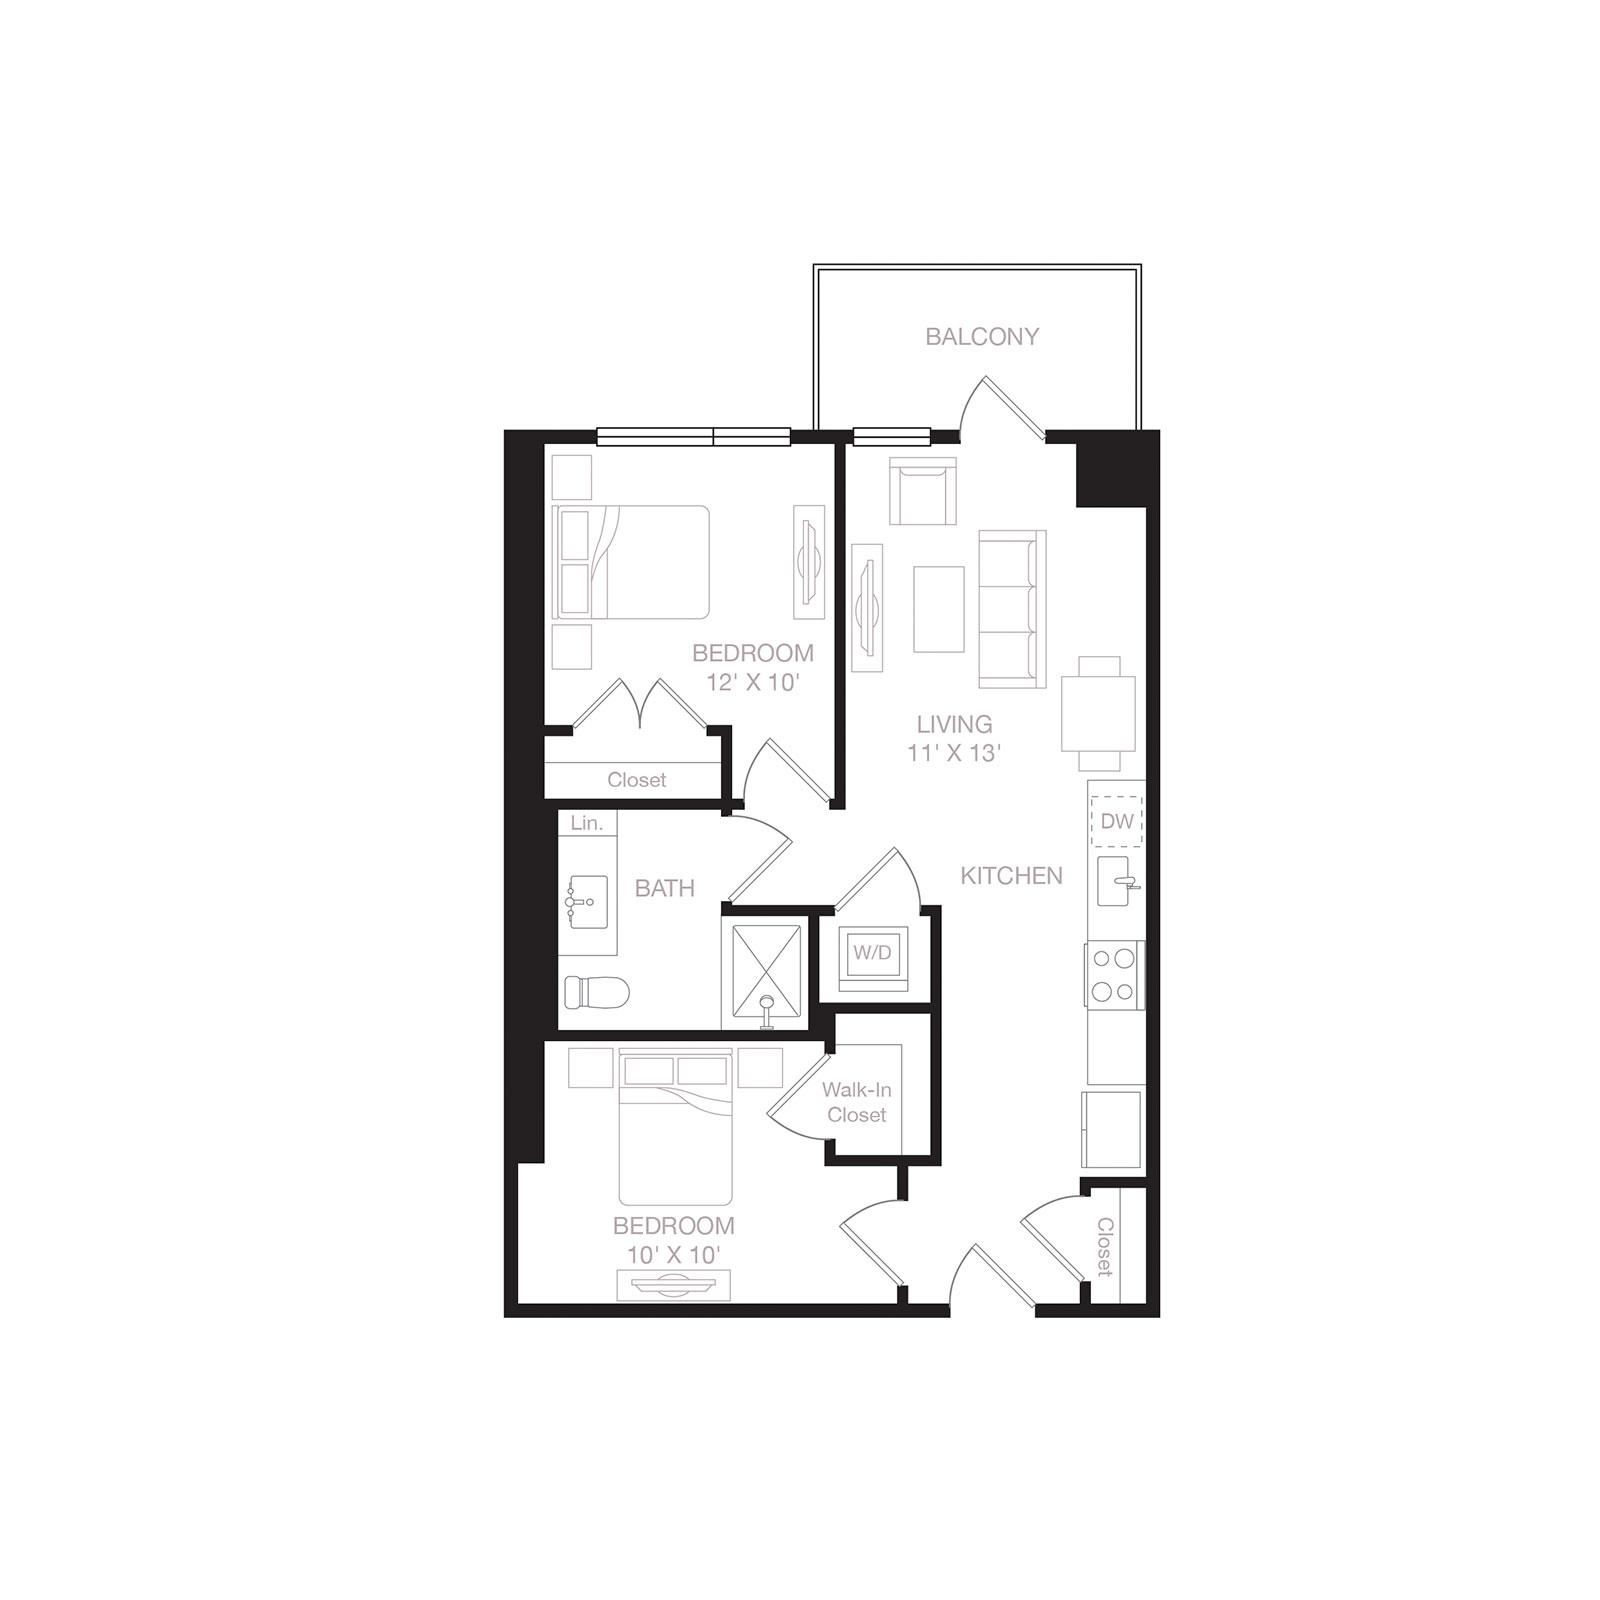 A13 diagram